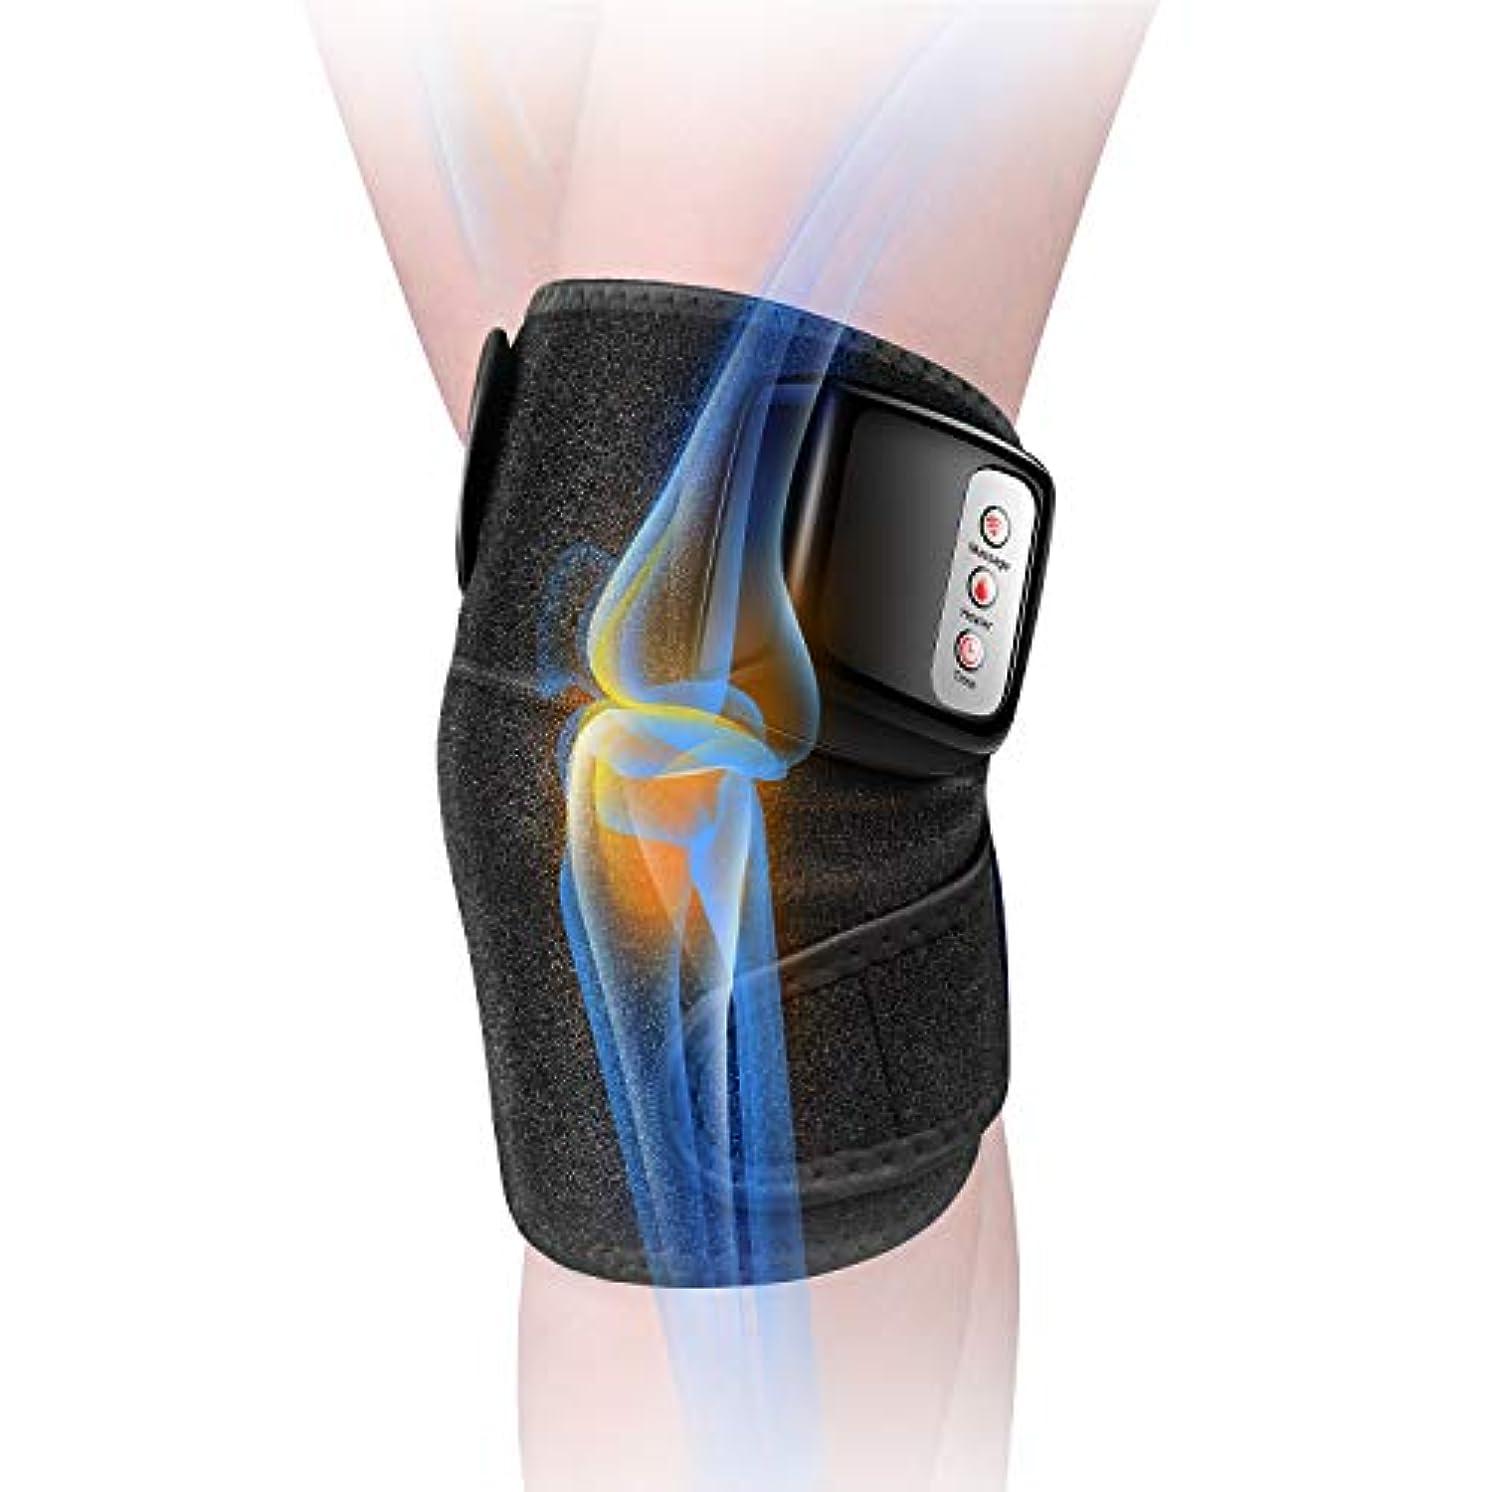 雷雨修正する苦行膝マッサージャー 関節マッサージャー マッサージ器 フットマッサージャー 振動 赤外線療法 温熱療法 膝サポーター ストレス解消 肩 太もも/腕対応